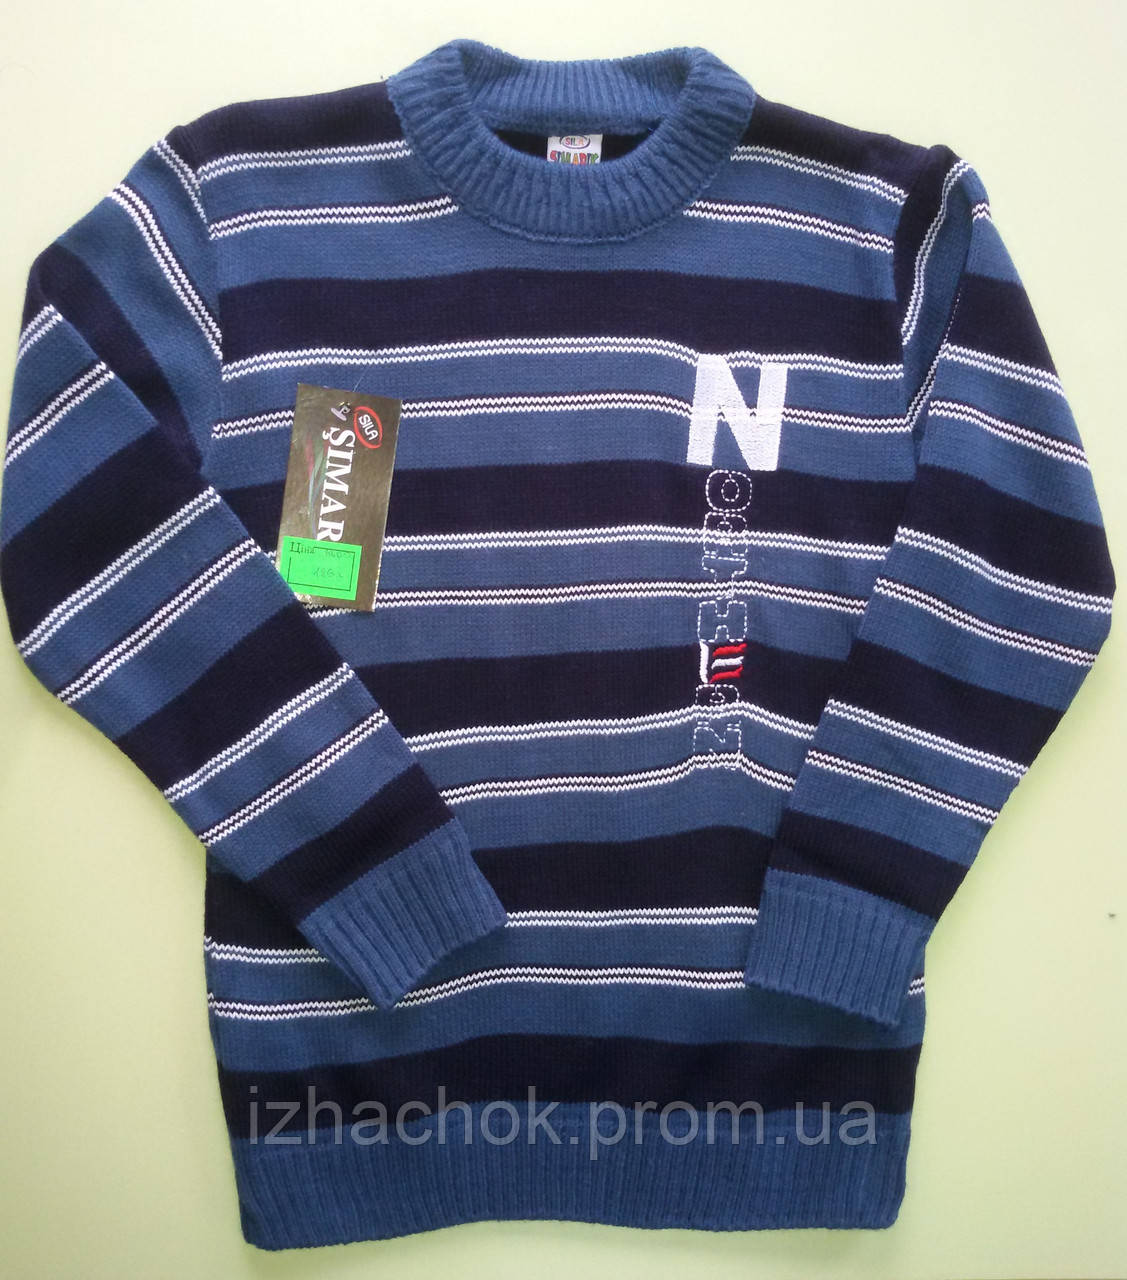 подростковые джемпера и свитера для мальчиков